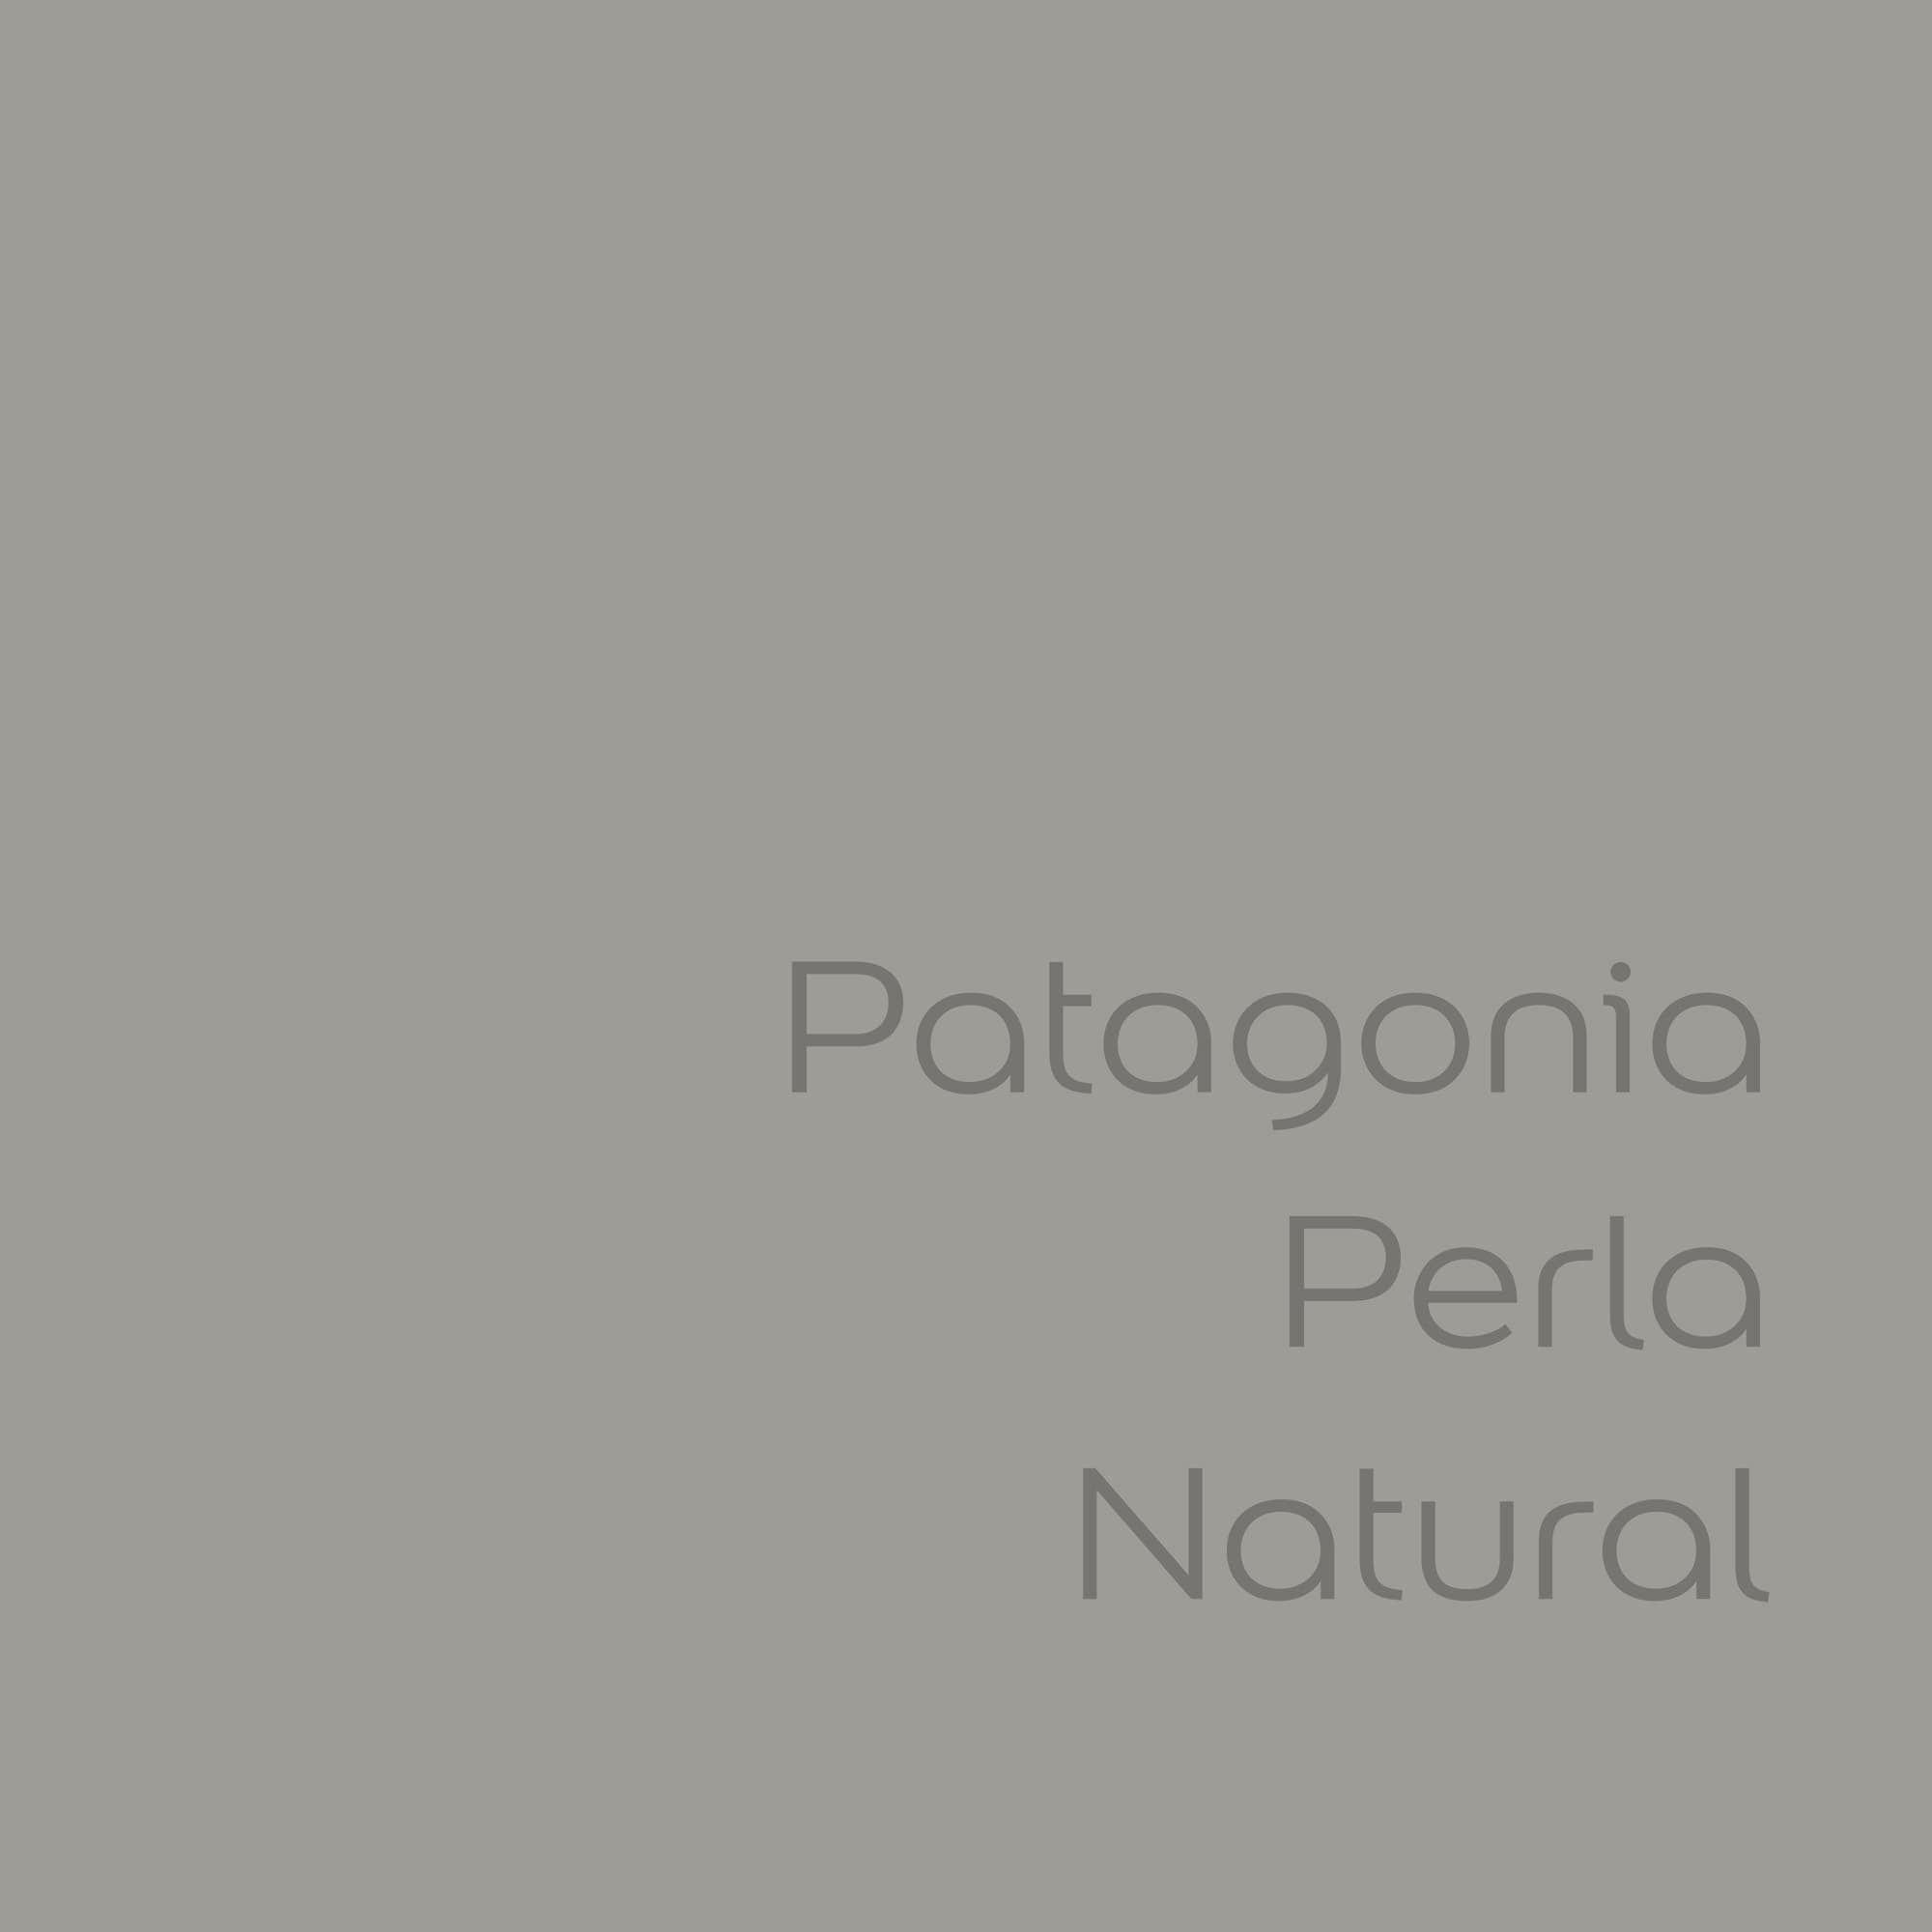 tester de color de pintura bruguer cdm patagonia perla natural color